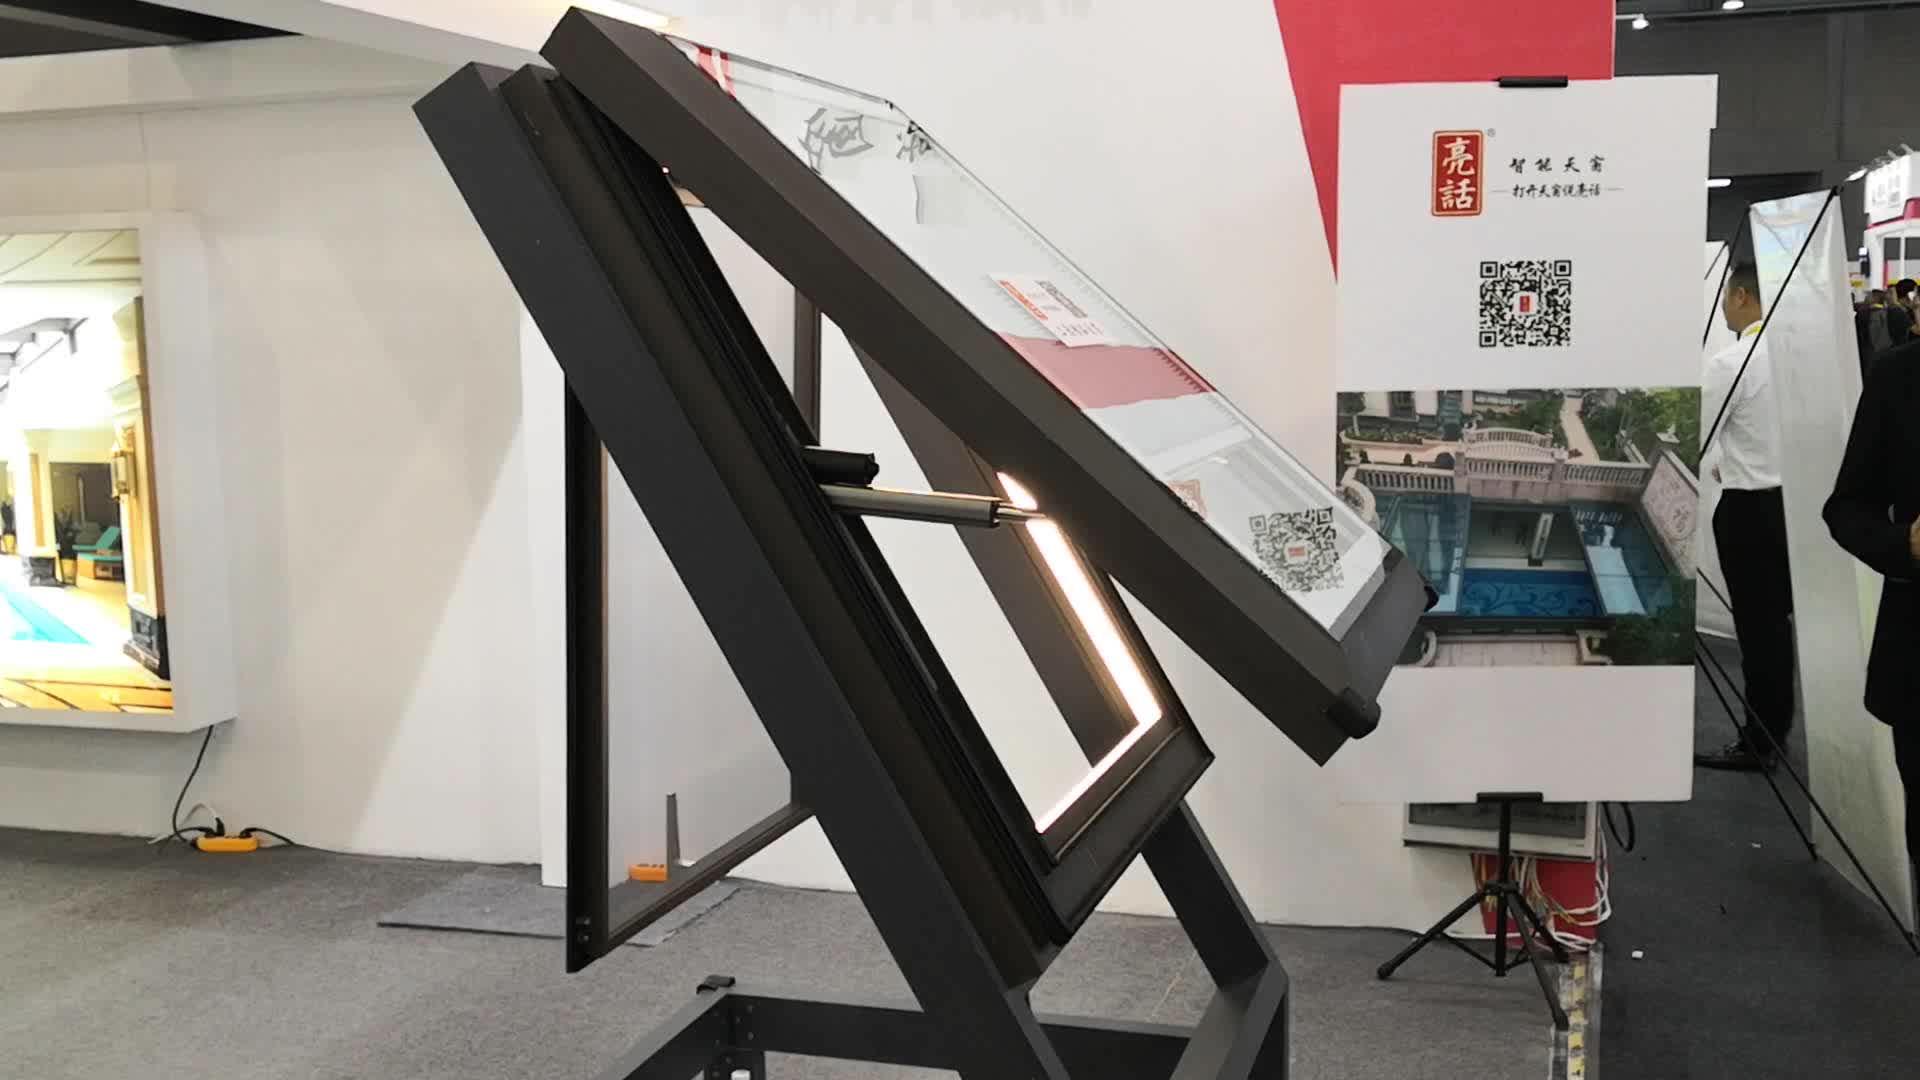 Лидер продаж горячие китайские продукты коричневый цвет алюминий светодиодные фонари автоматические качели открытым жалюзи подвал